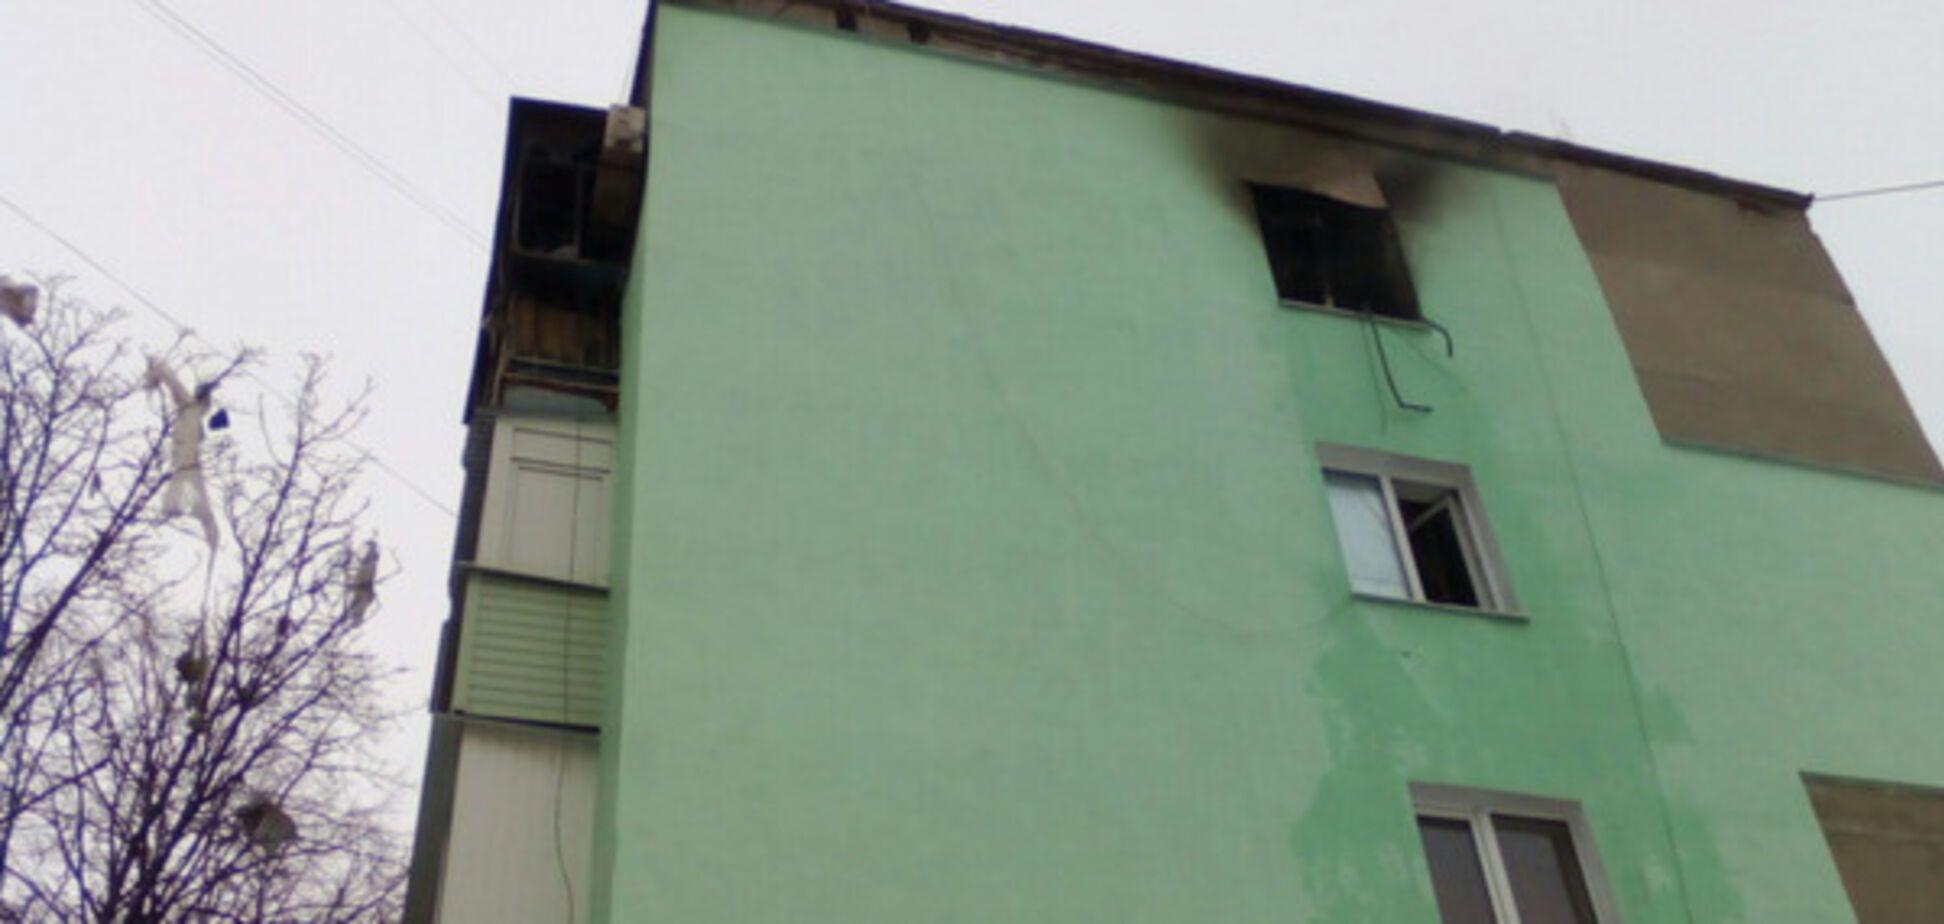 'Жінку викинуло вибуховою хвилею з 5 поверху': під Харковом стався вибух